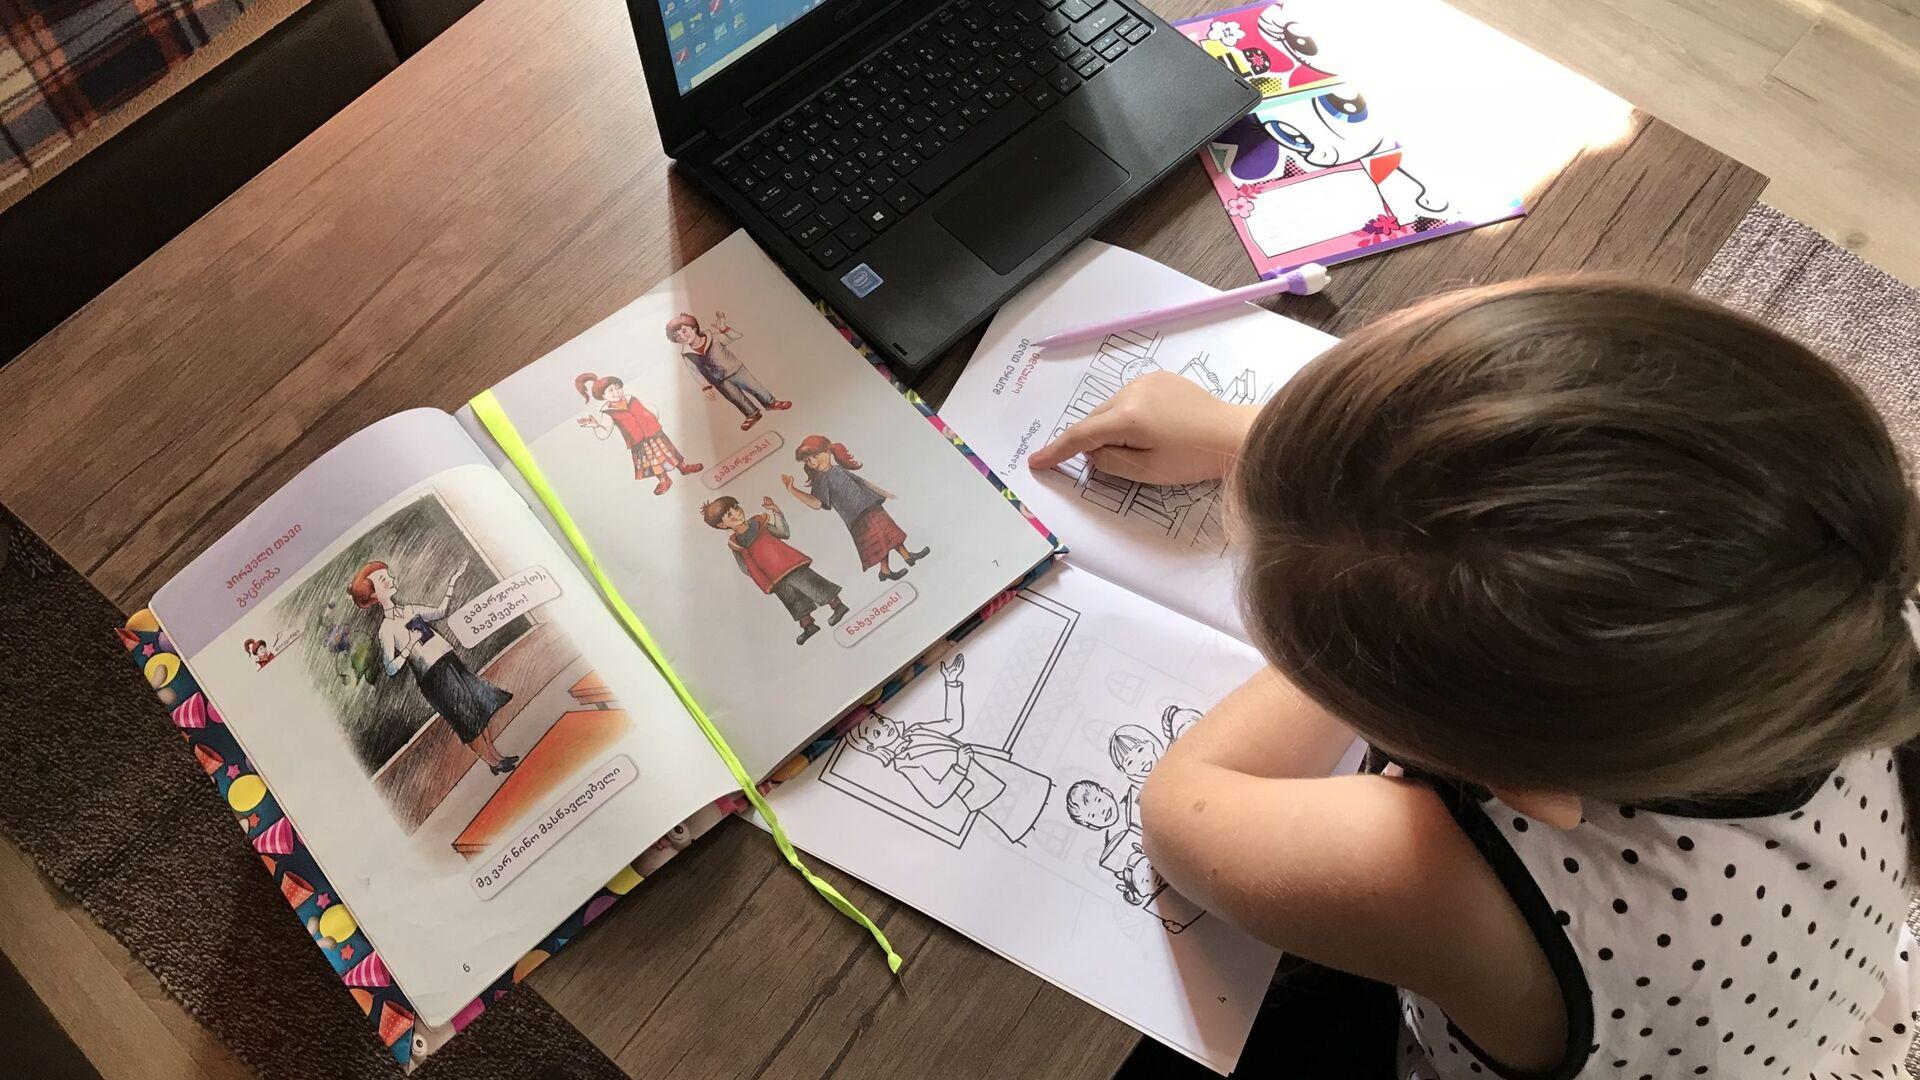 Девочка дистанционно делает уроки  - Sputnik Грузия, 1920, 02.09.2021